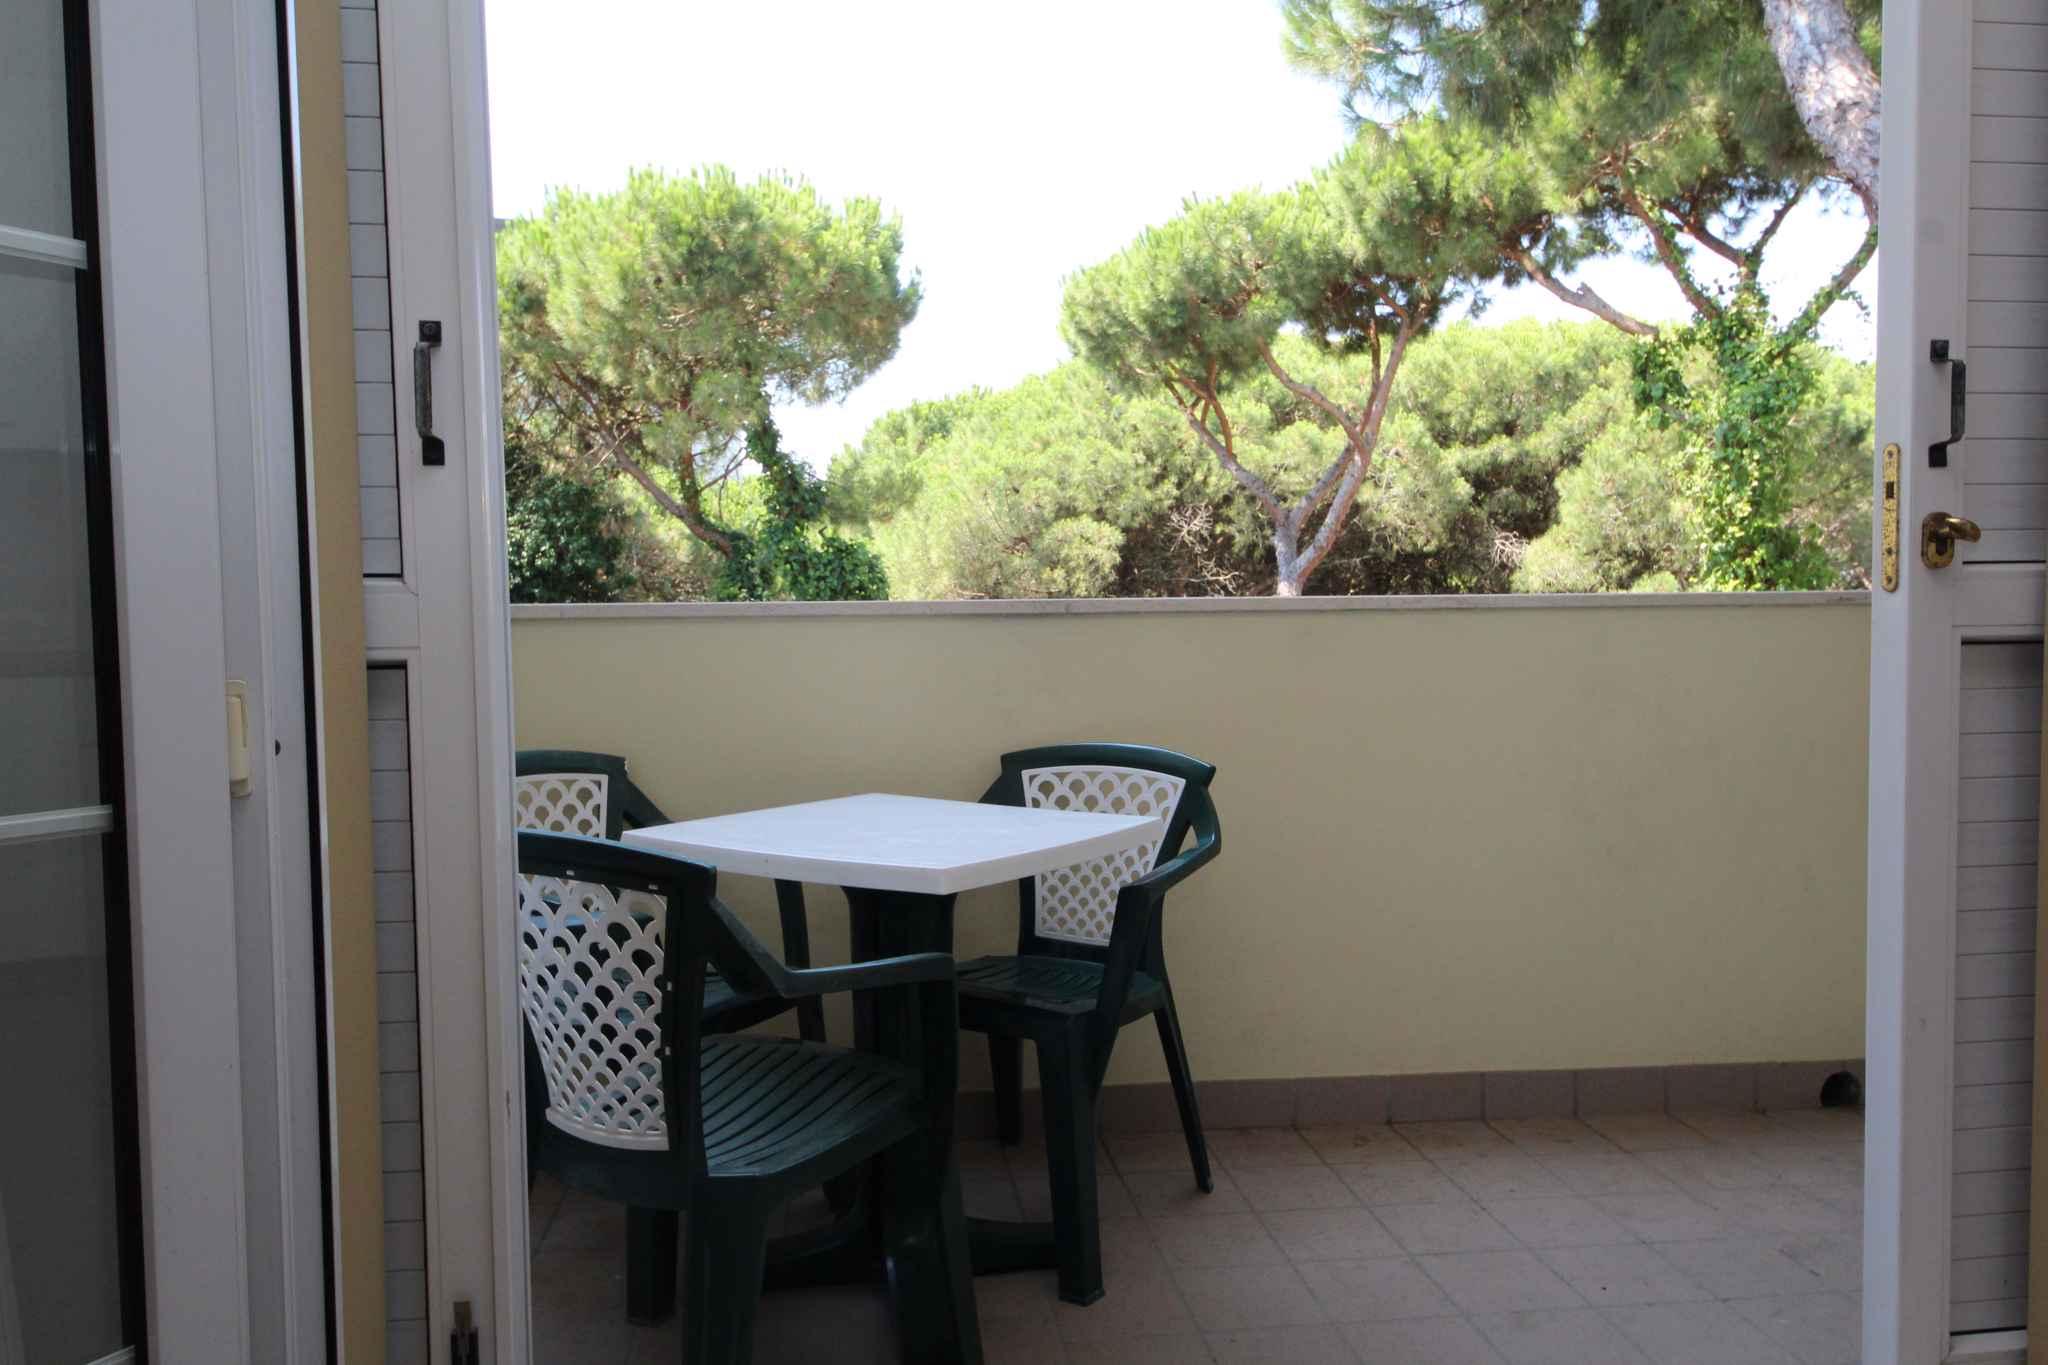 Ferienwohnung con terrazza o balcone (284301), Rosolina Mare, Rovigo, Venetien, Italien, Bild 29